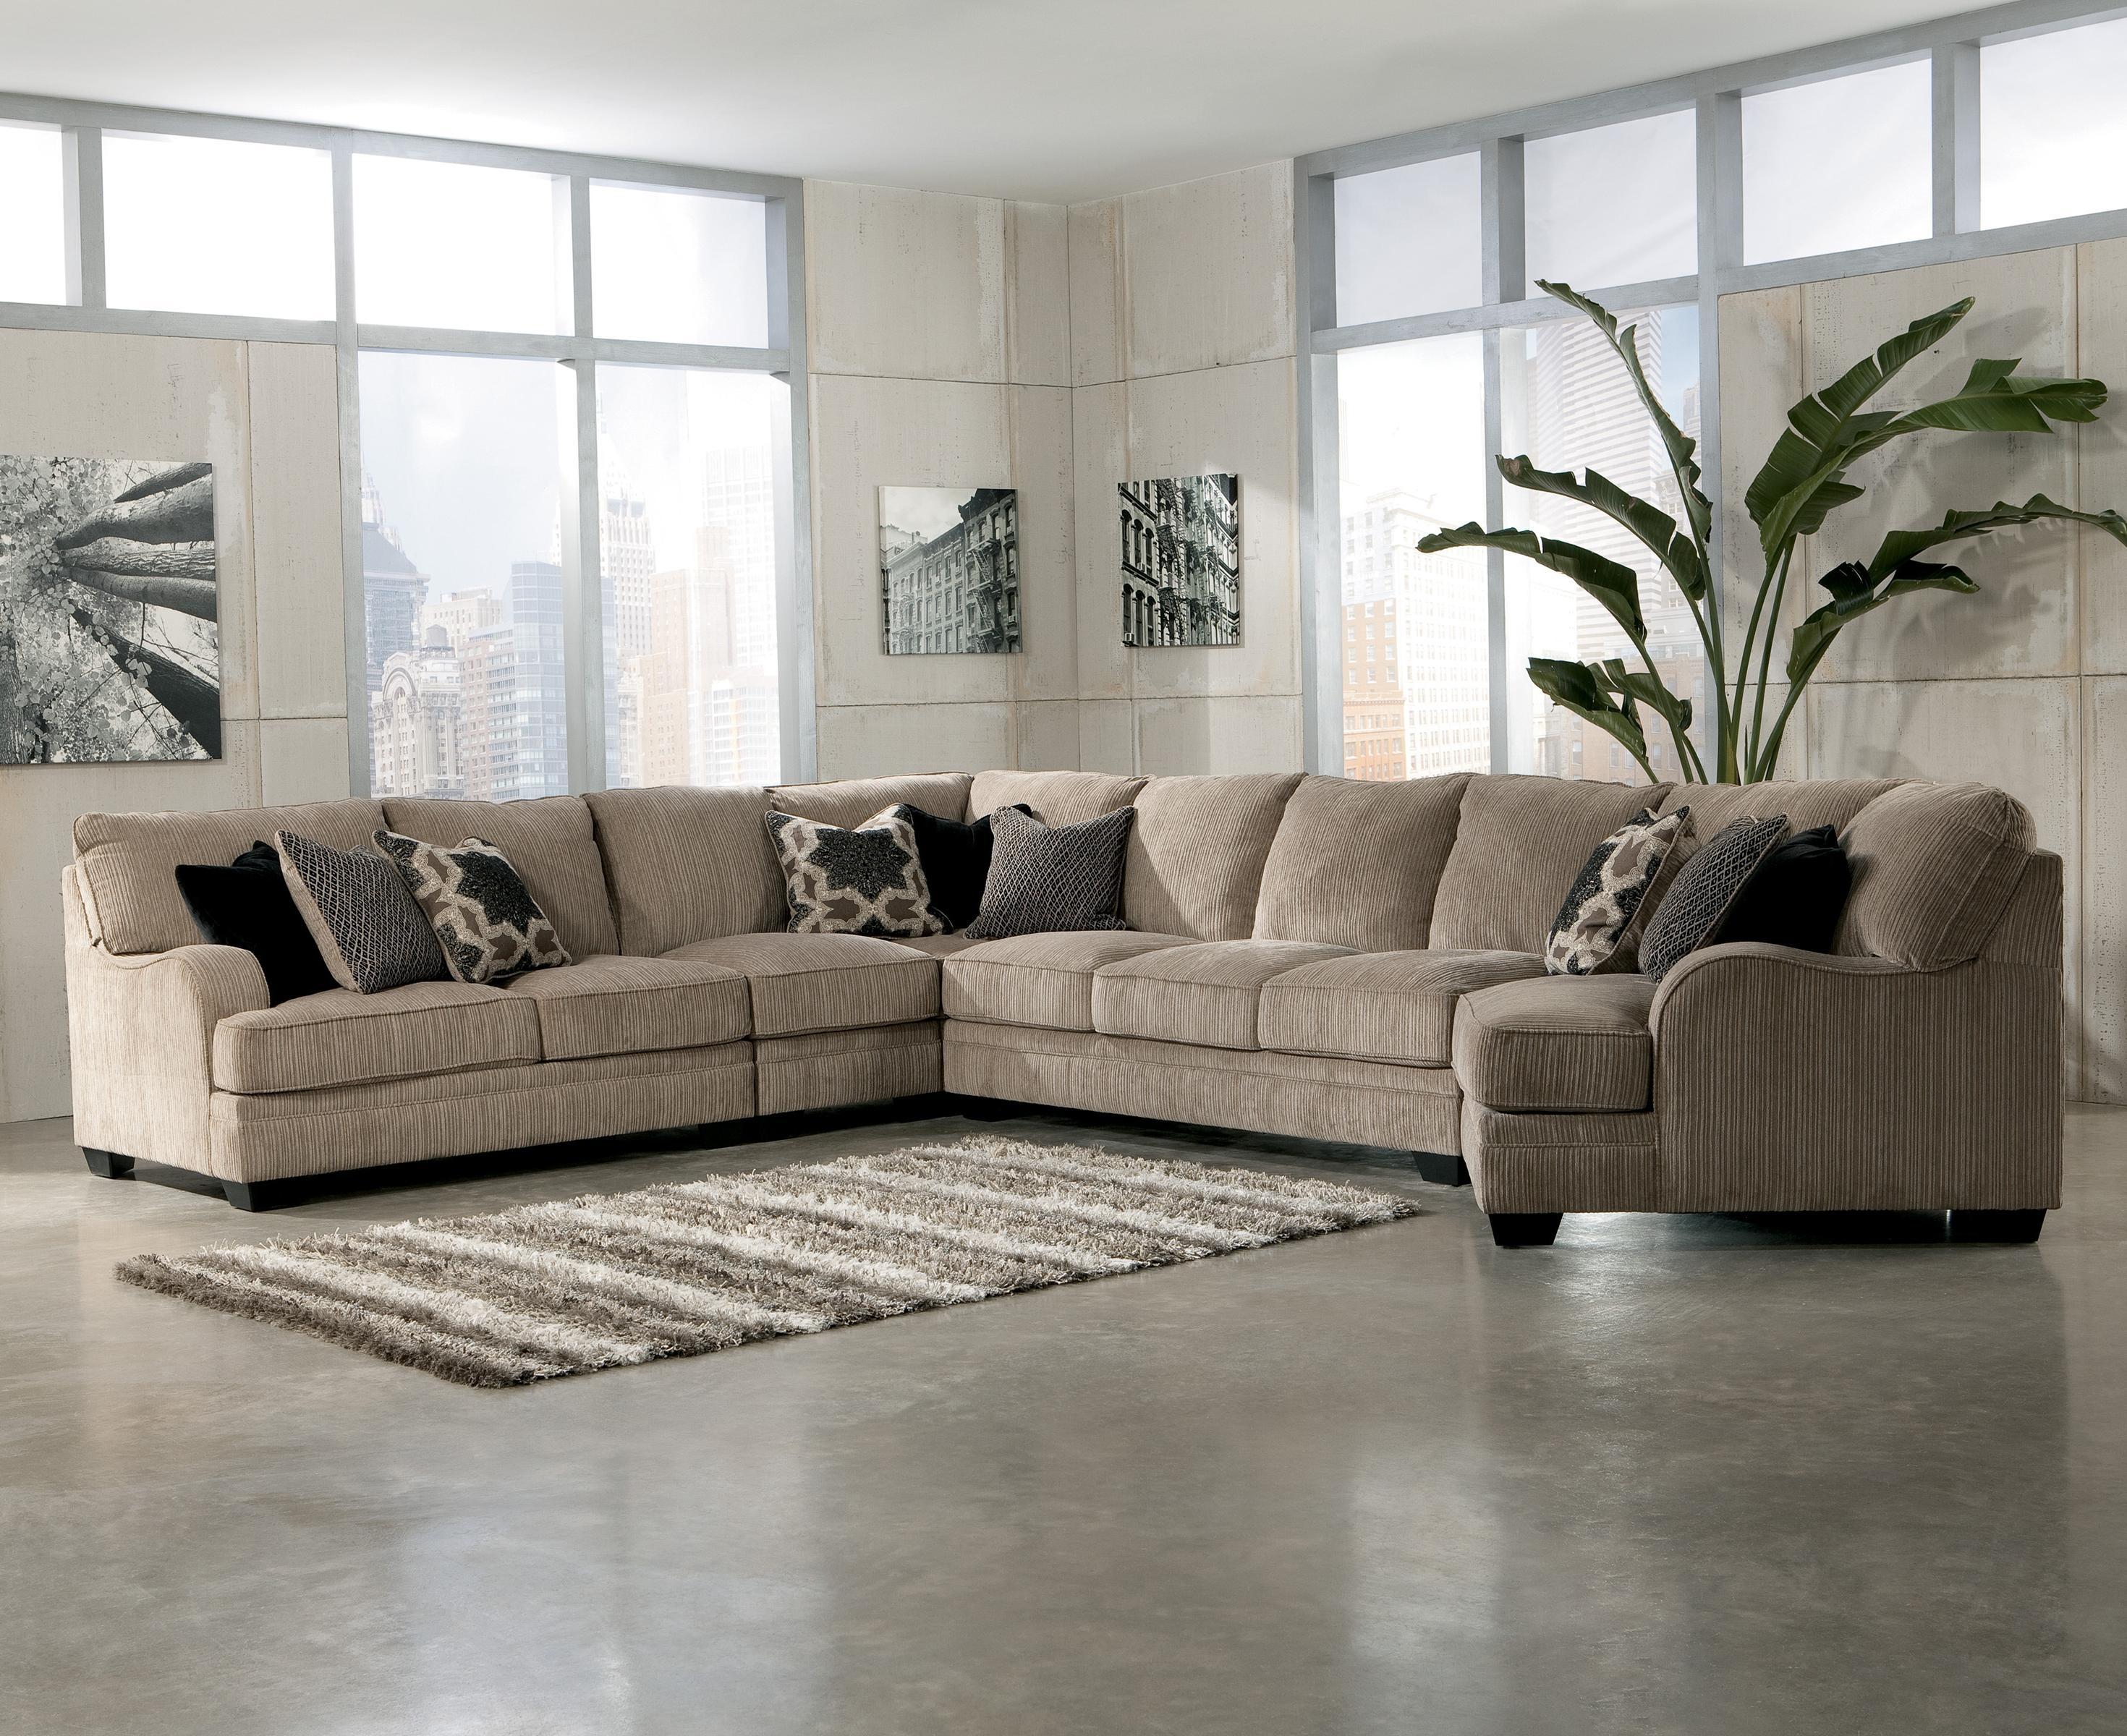 Signature Designashley Katisha – Platinum 5 Piece Sectional Sofa Within Blaine 4 Piece Sectionals (Image 21 of 25)